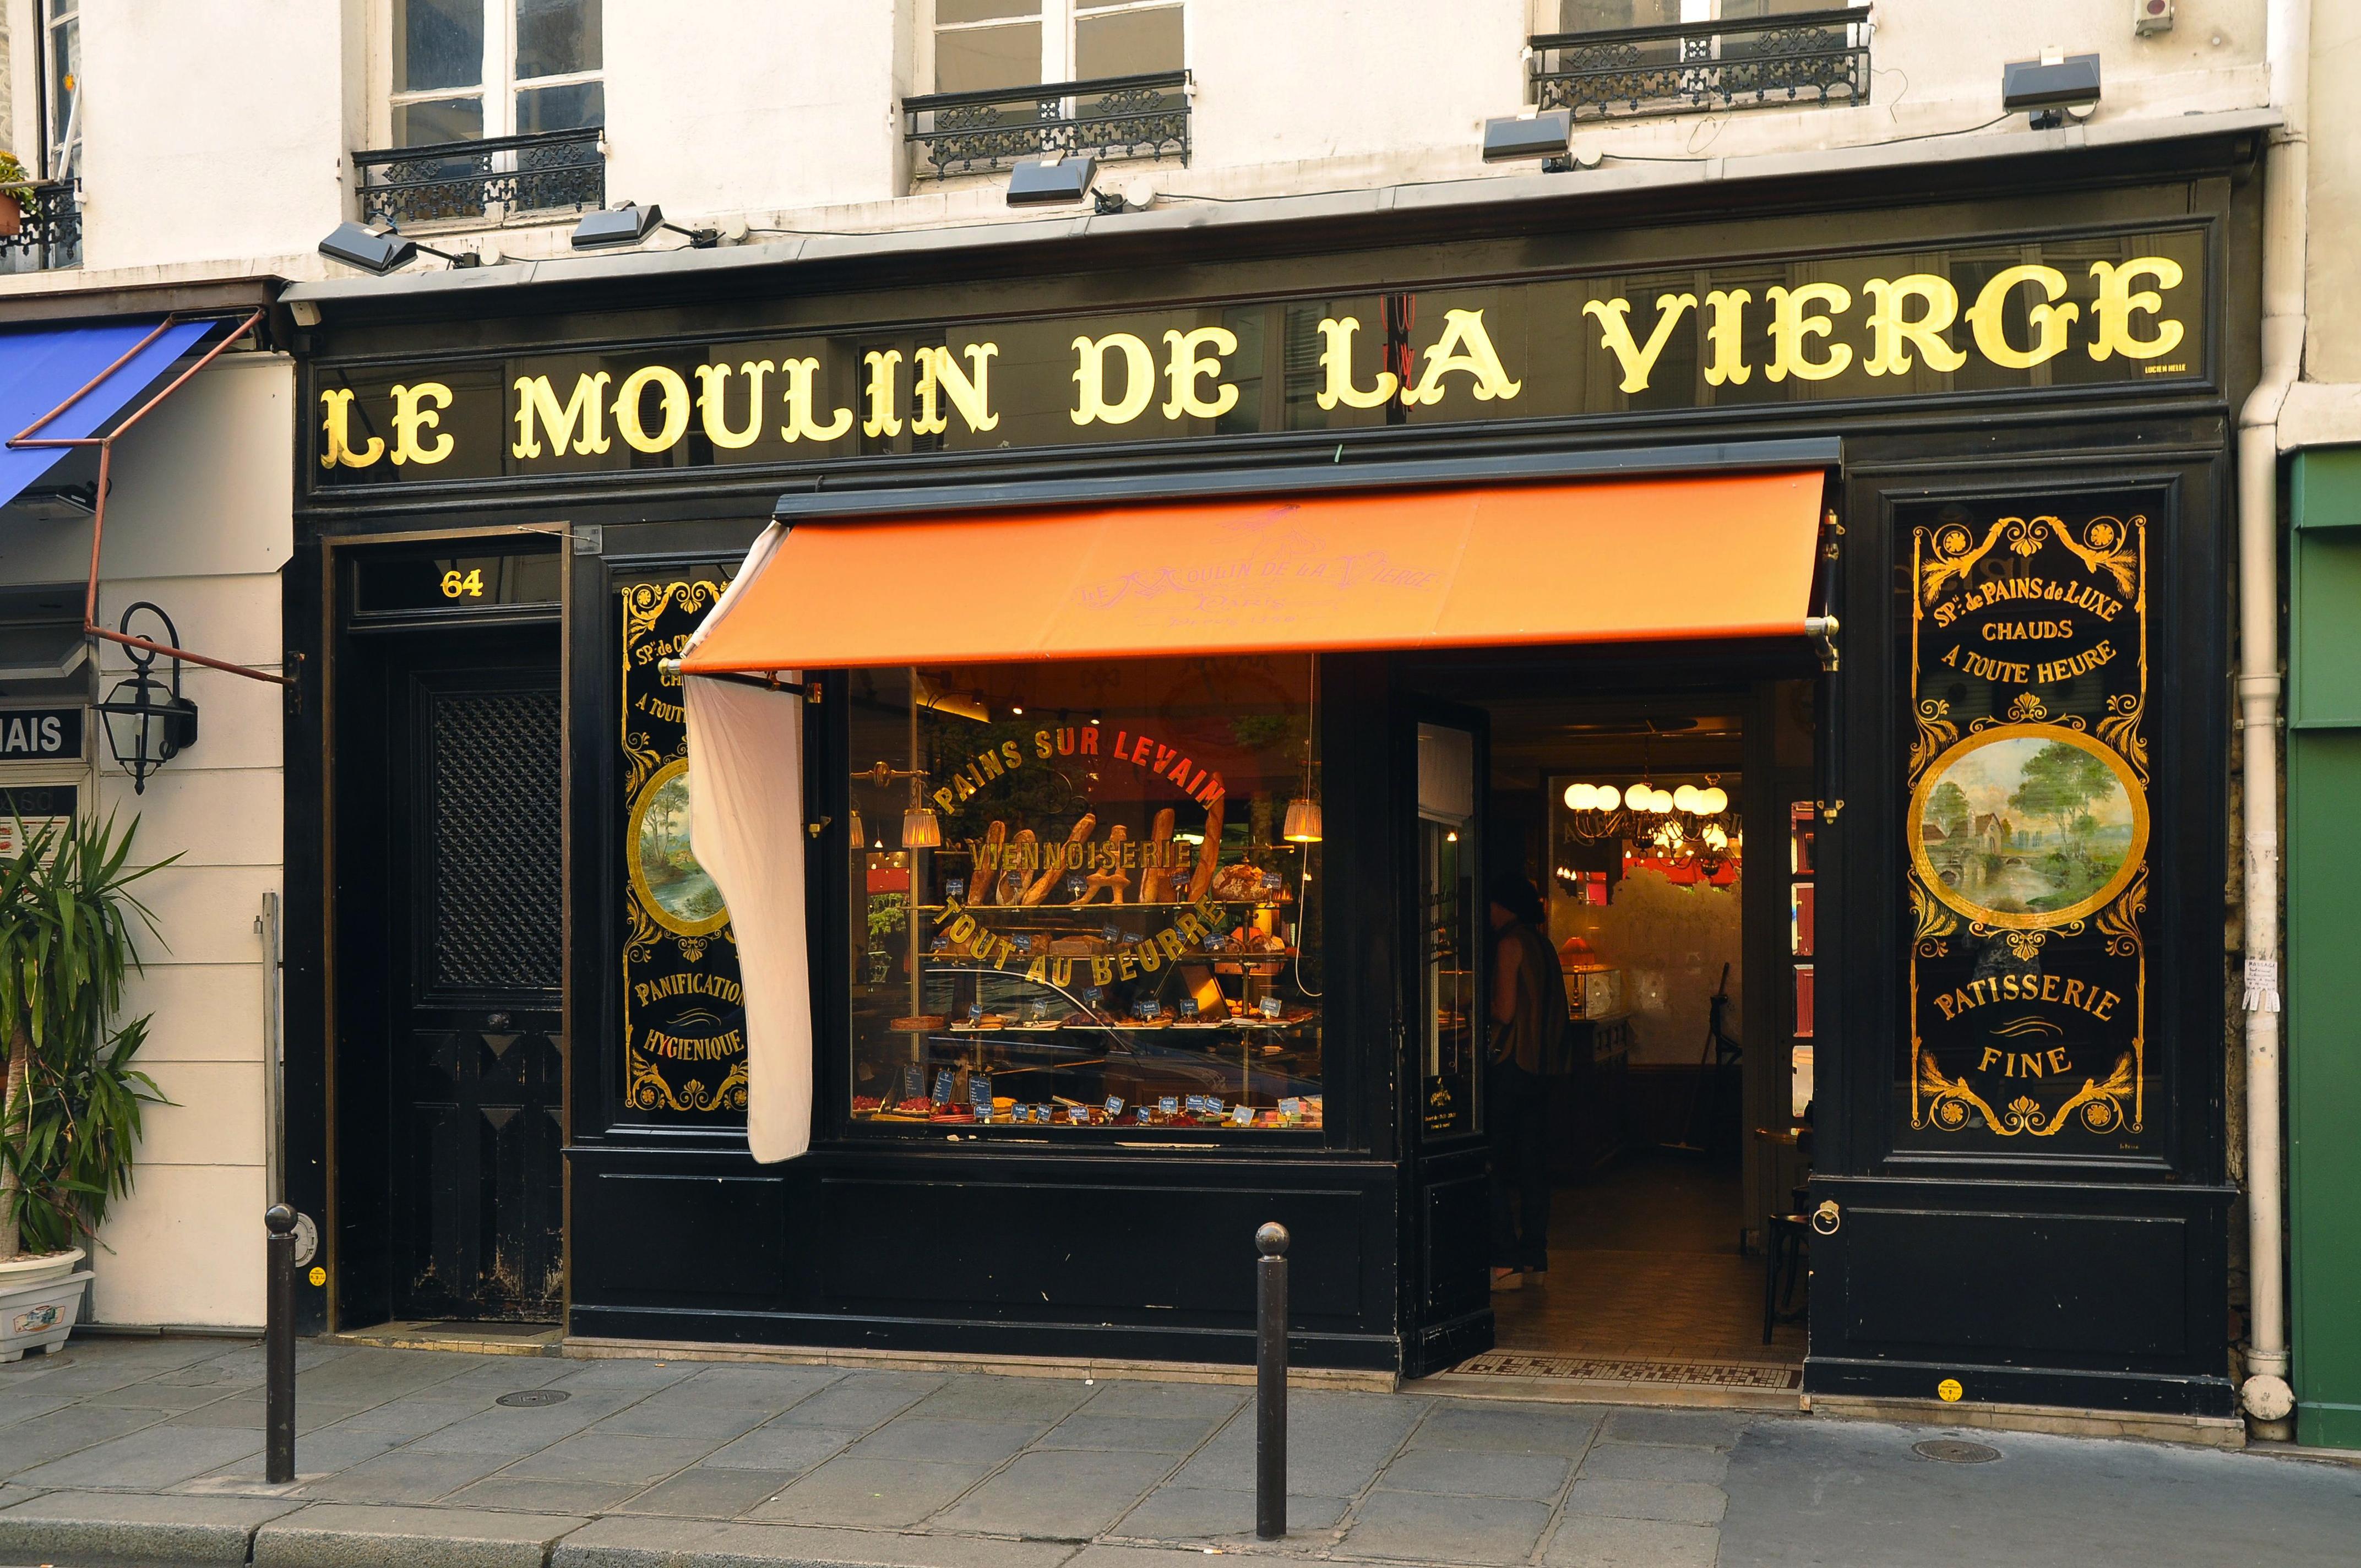 file boulangerie 64 rue saint dominique paris wikimedia commons. Black Bedroom Furniture Sets. Home Design Ideas